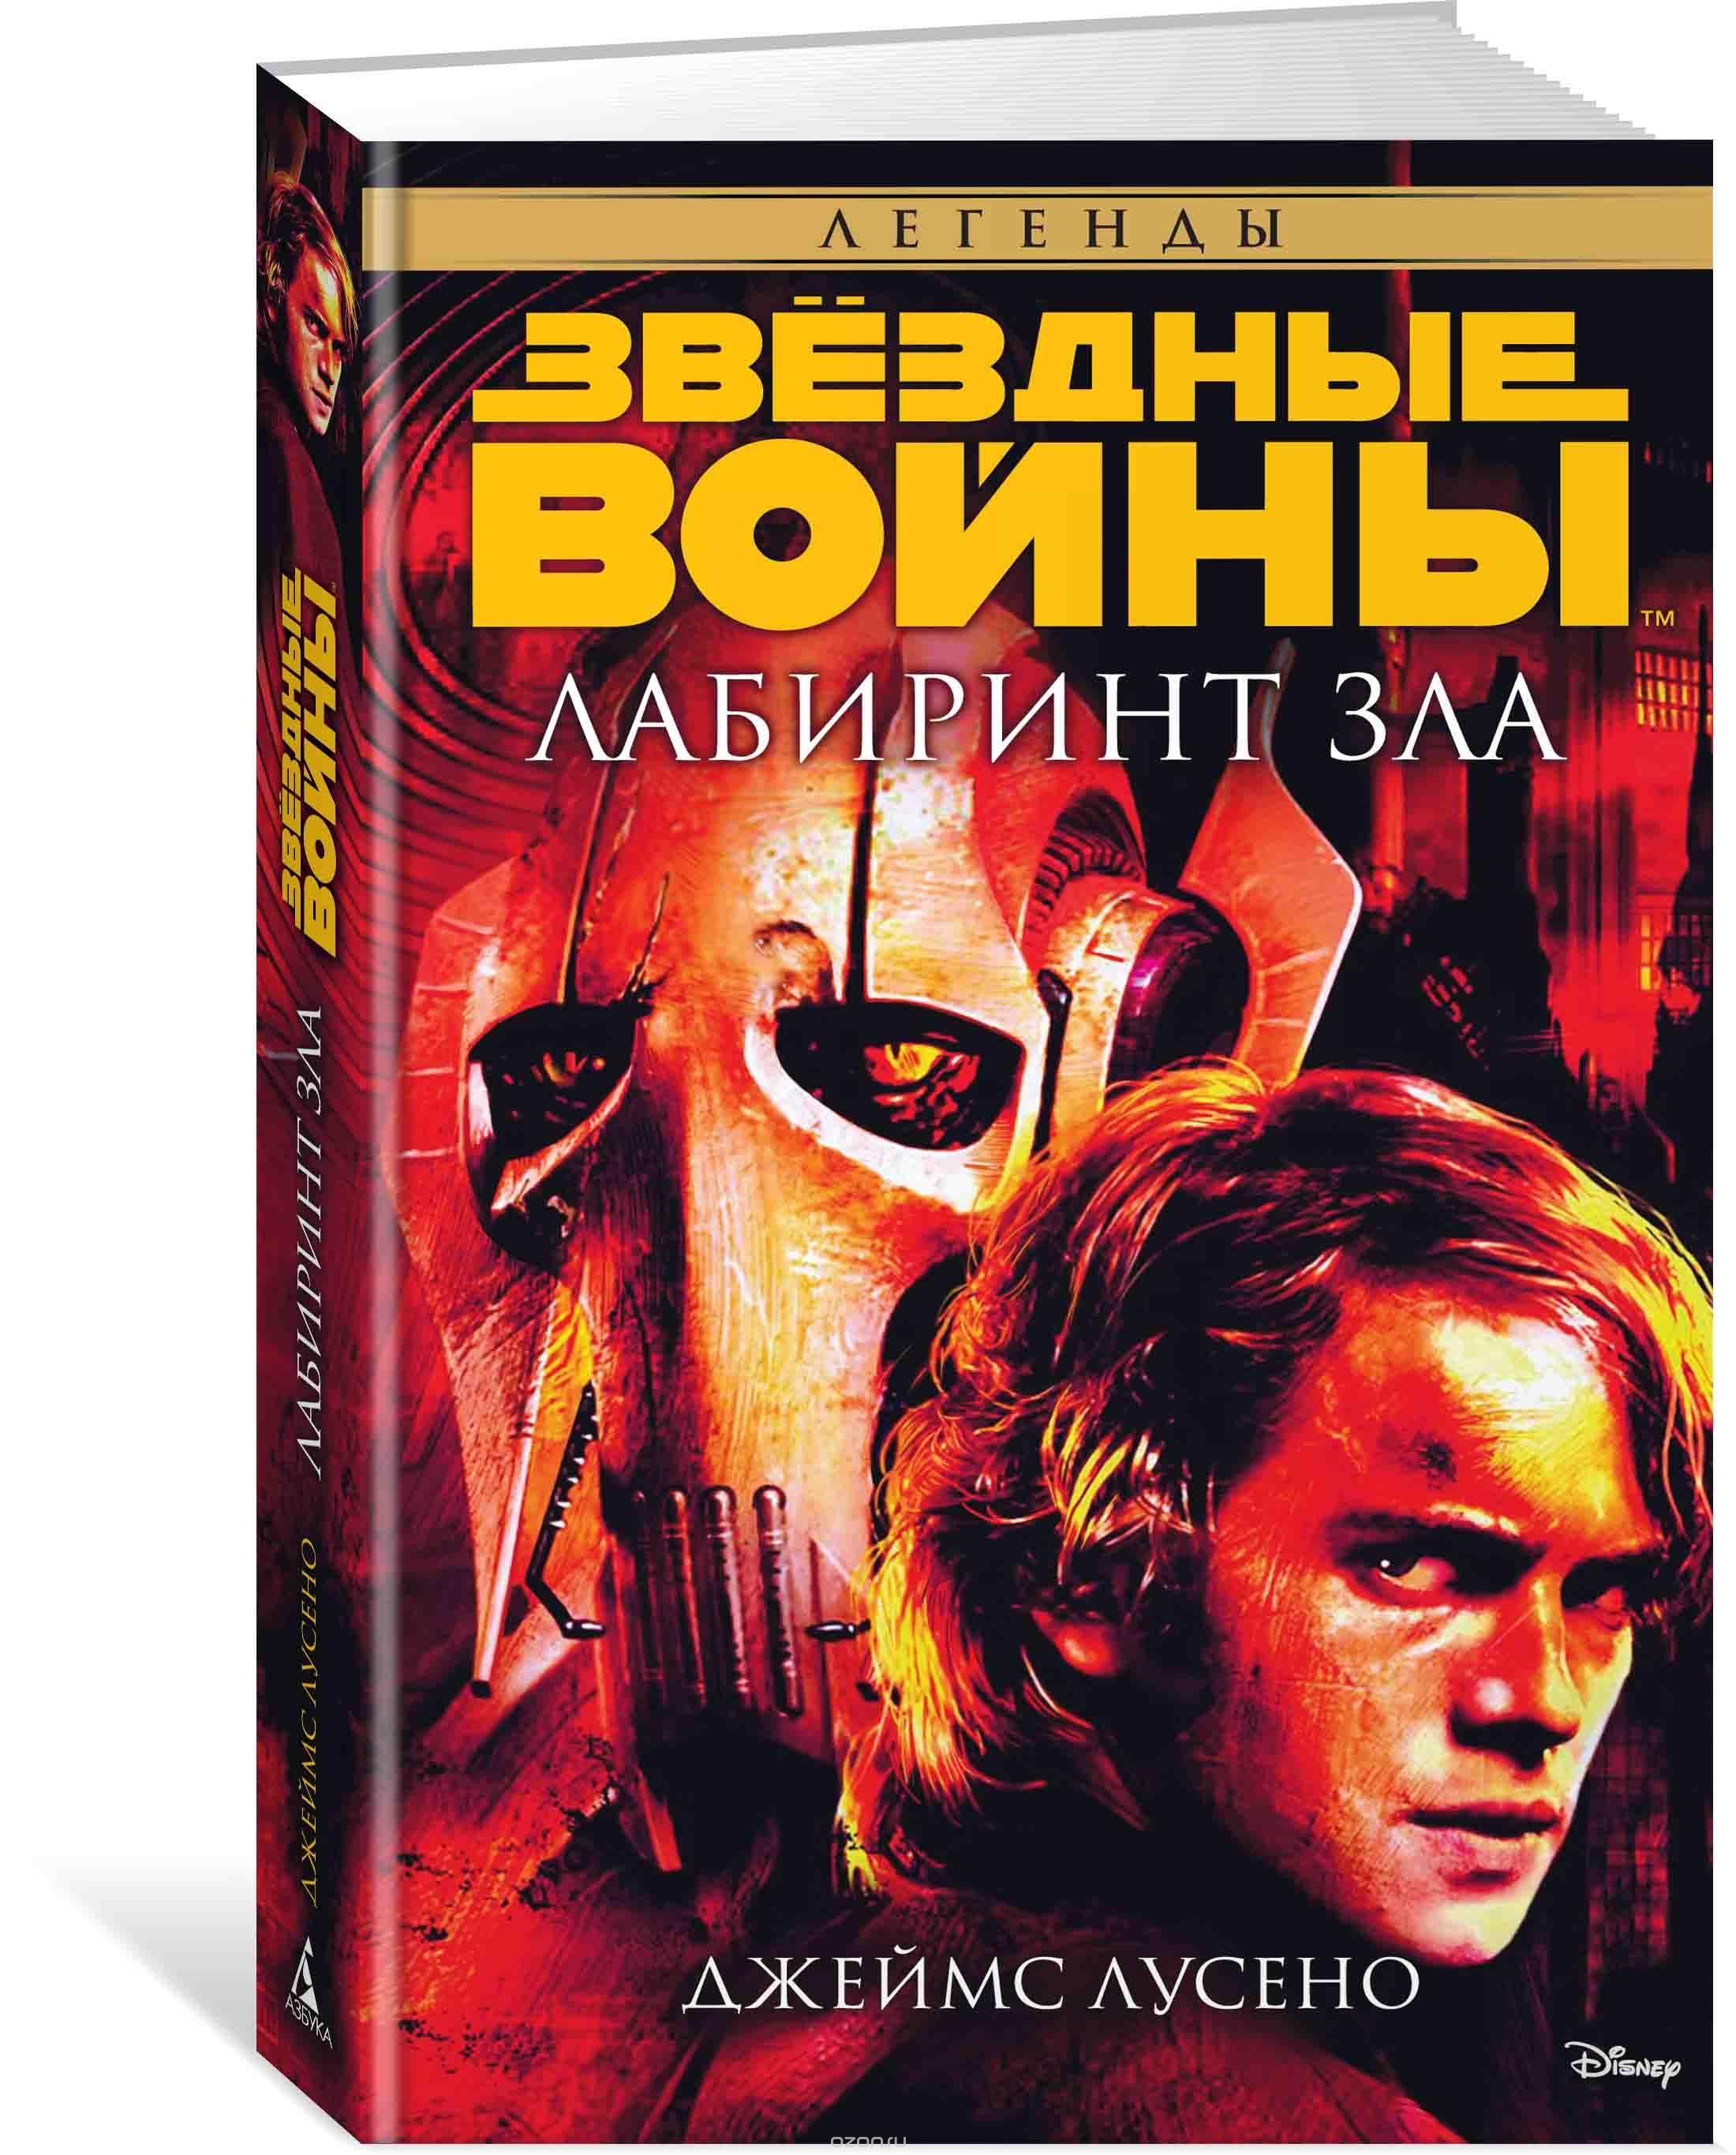 Книга на русском языке «Лабиринт зла. Звездные войны»